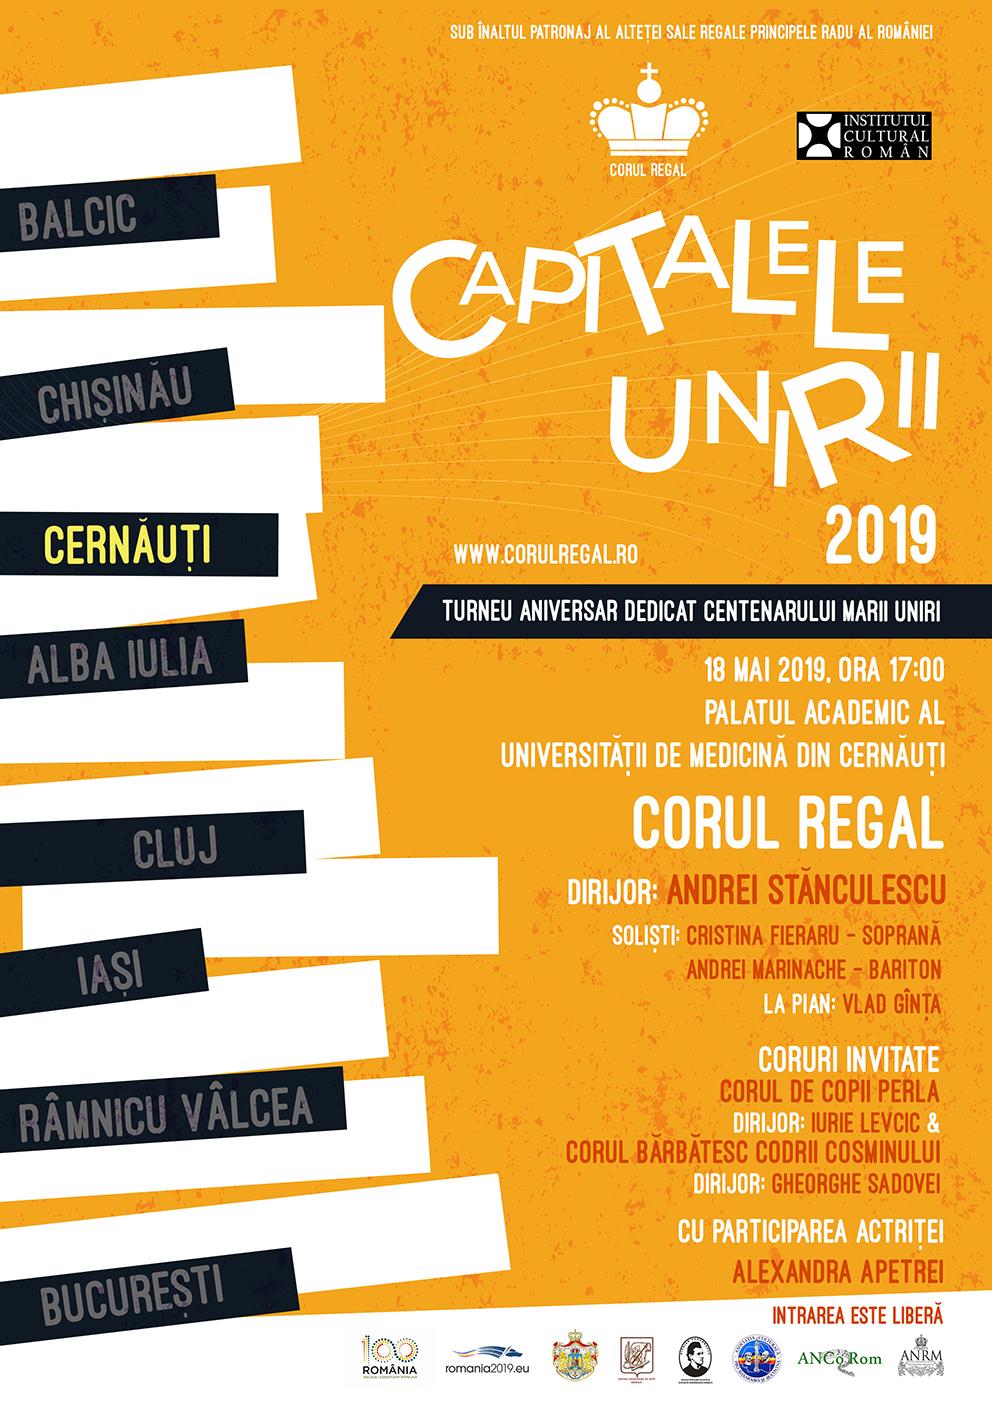 Corul Regal - Capitala Unirii - Cernauti